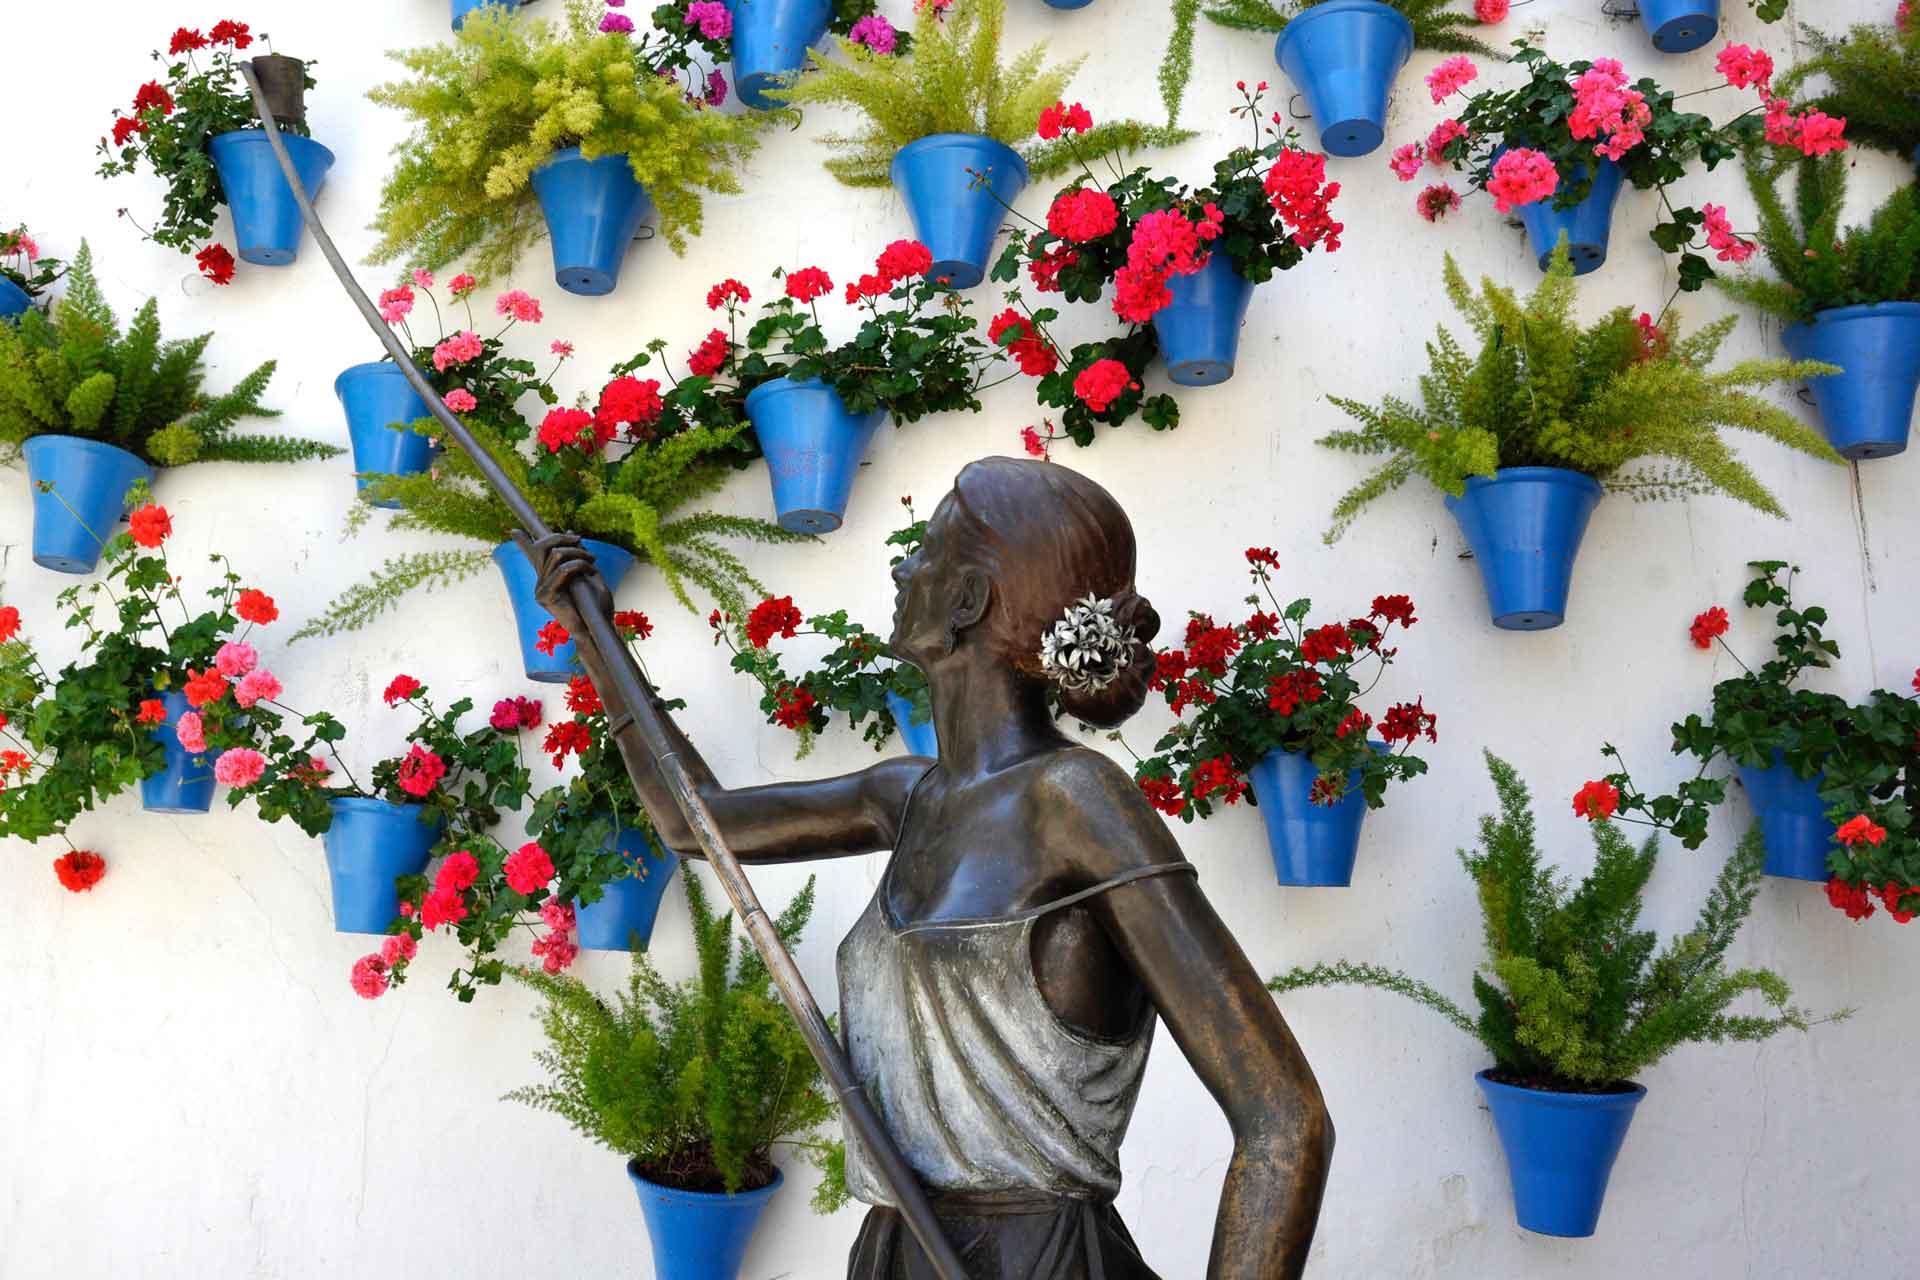 Monumento a los Patios de Córdoba | Monument to the Córdoba Courtyards | Monument dédié aux Patios de Cordoue